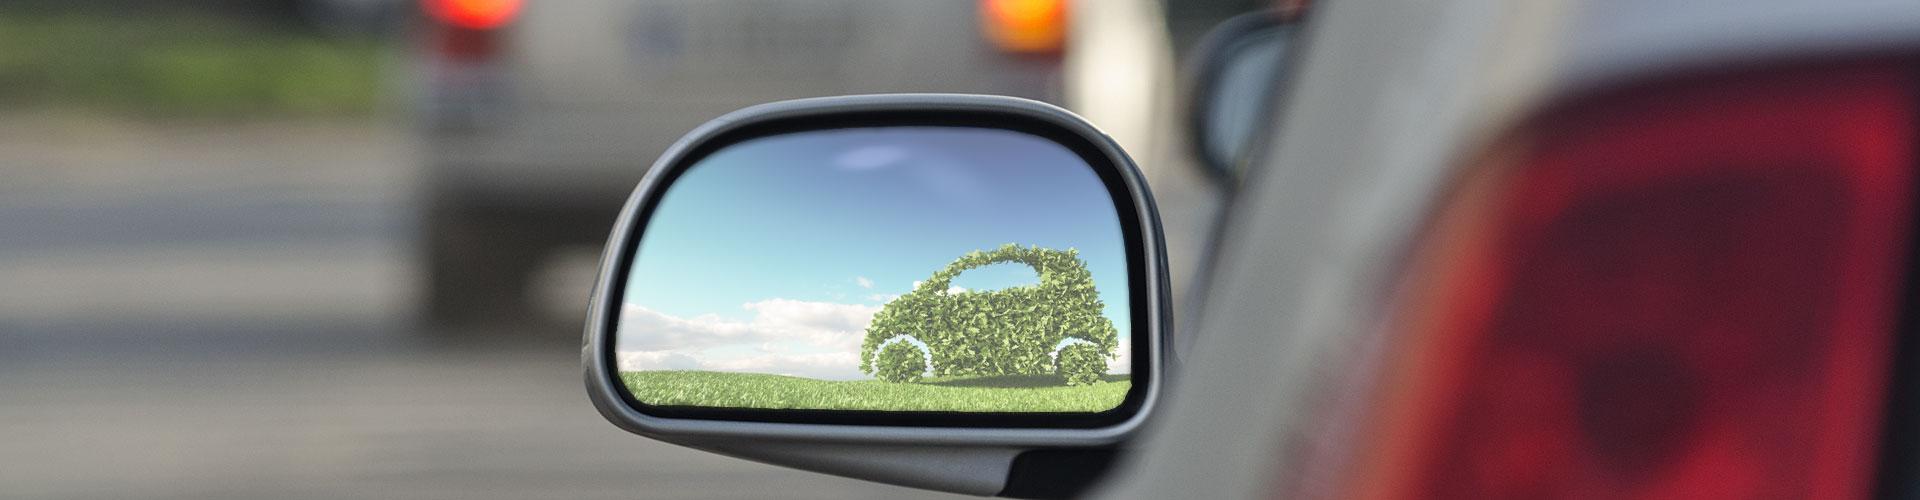 Elektroautofahrer sorgen für mehr Klimaschutz im Verkehrssektor